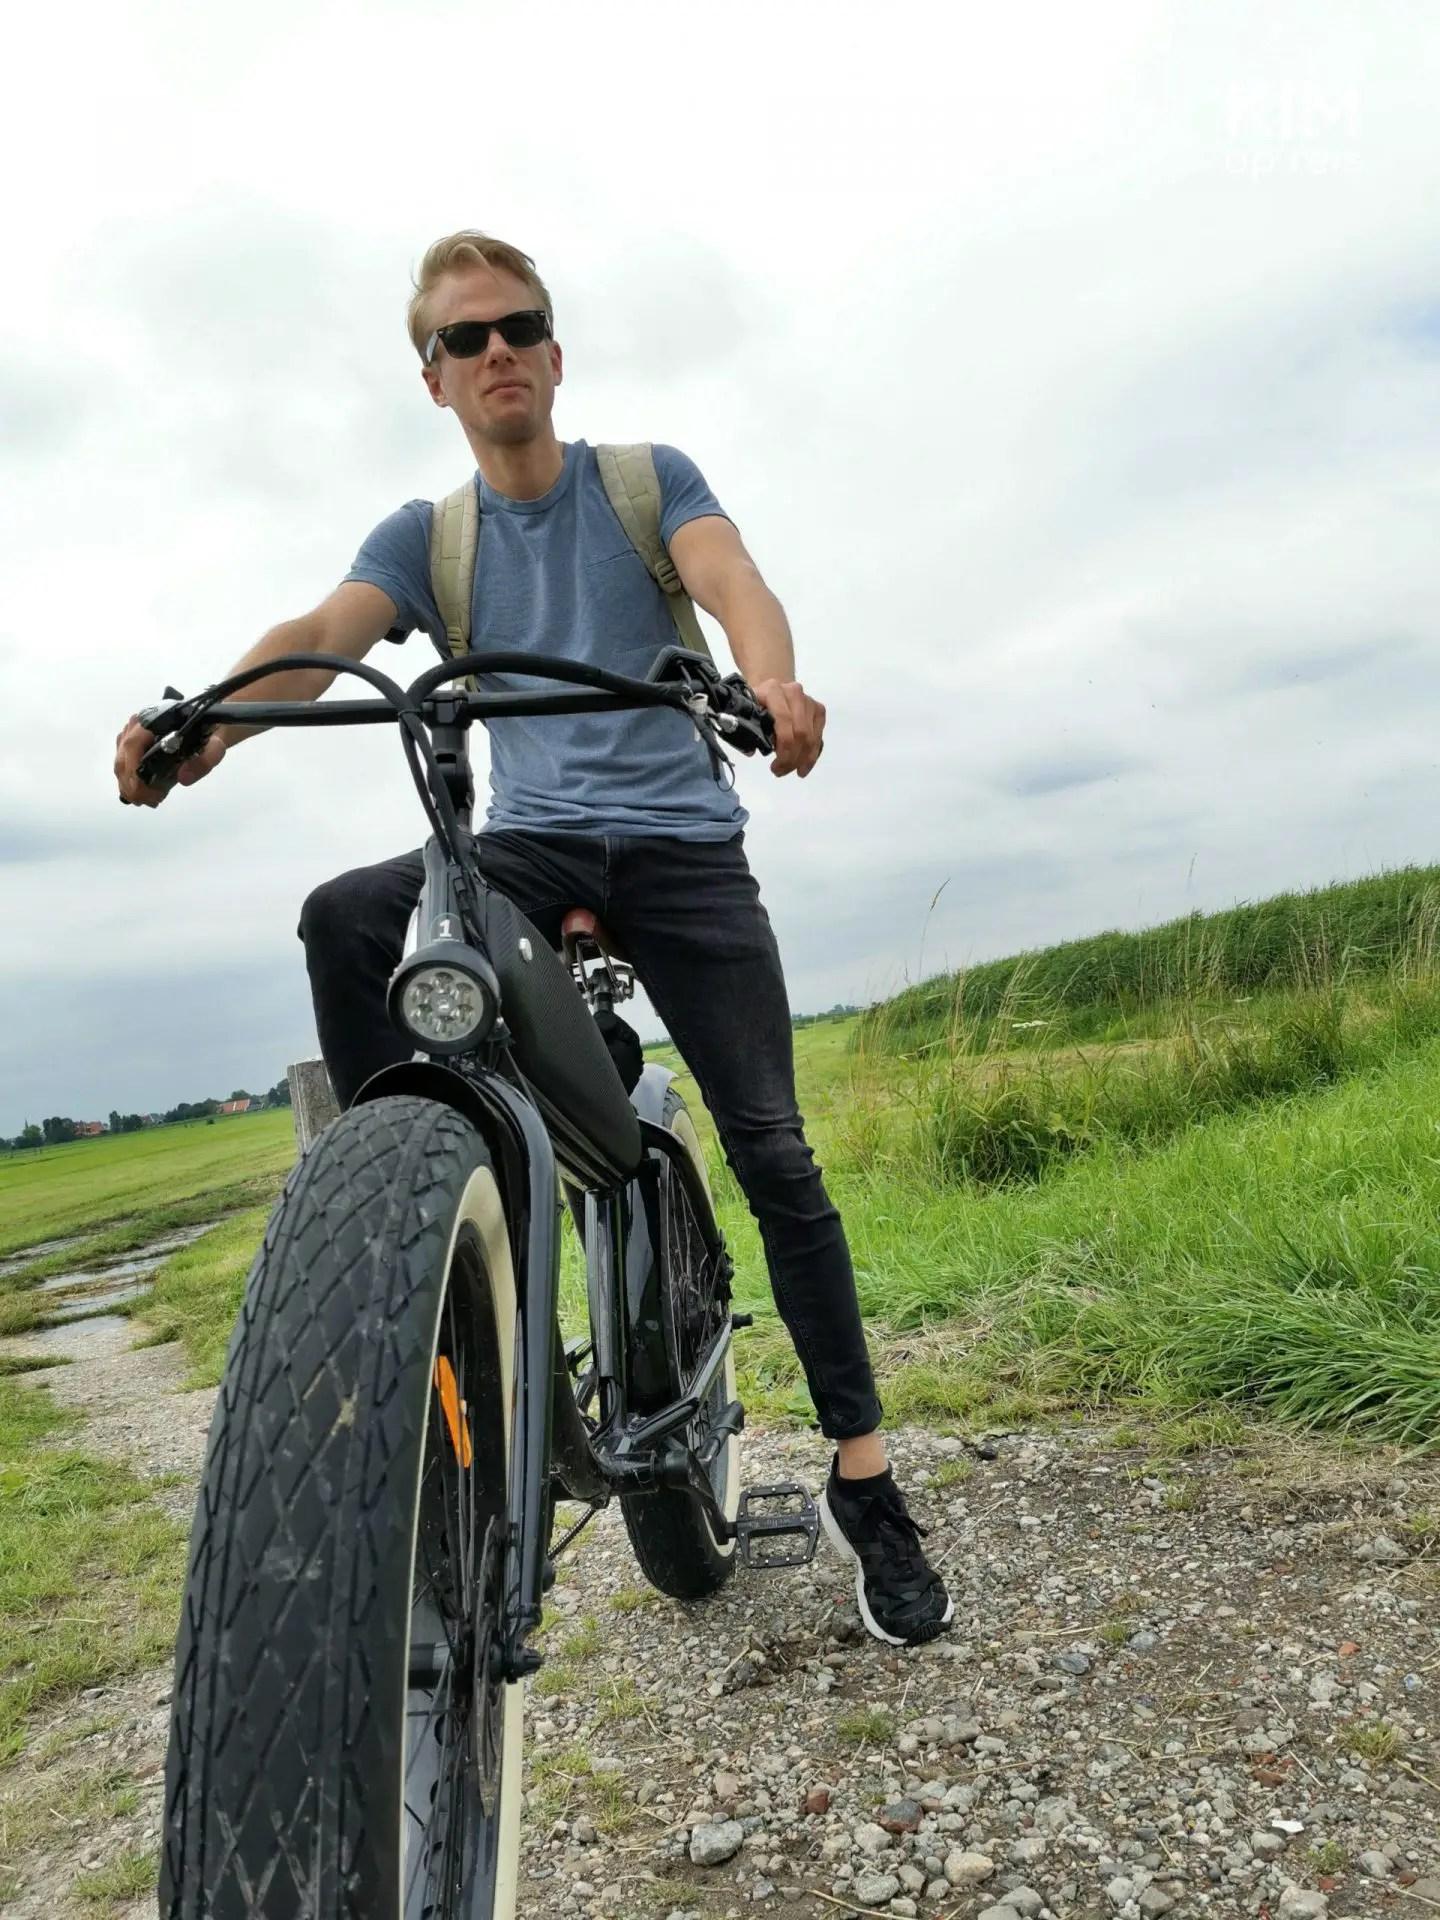 Fat bike Volendam Marken - Patrick poses on a fat bike in a meadow